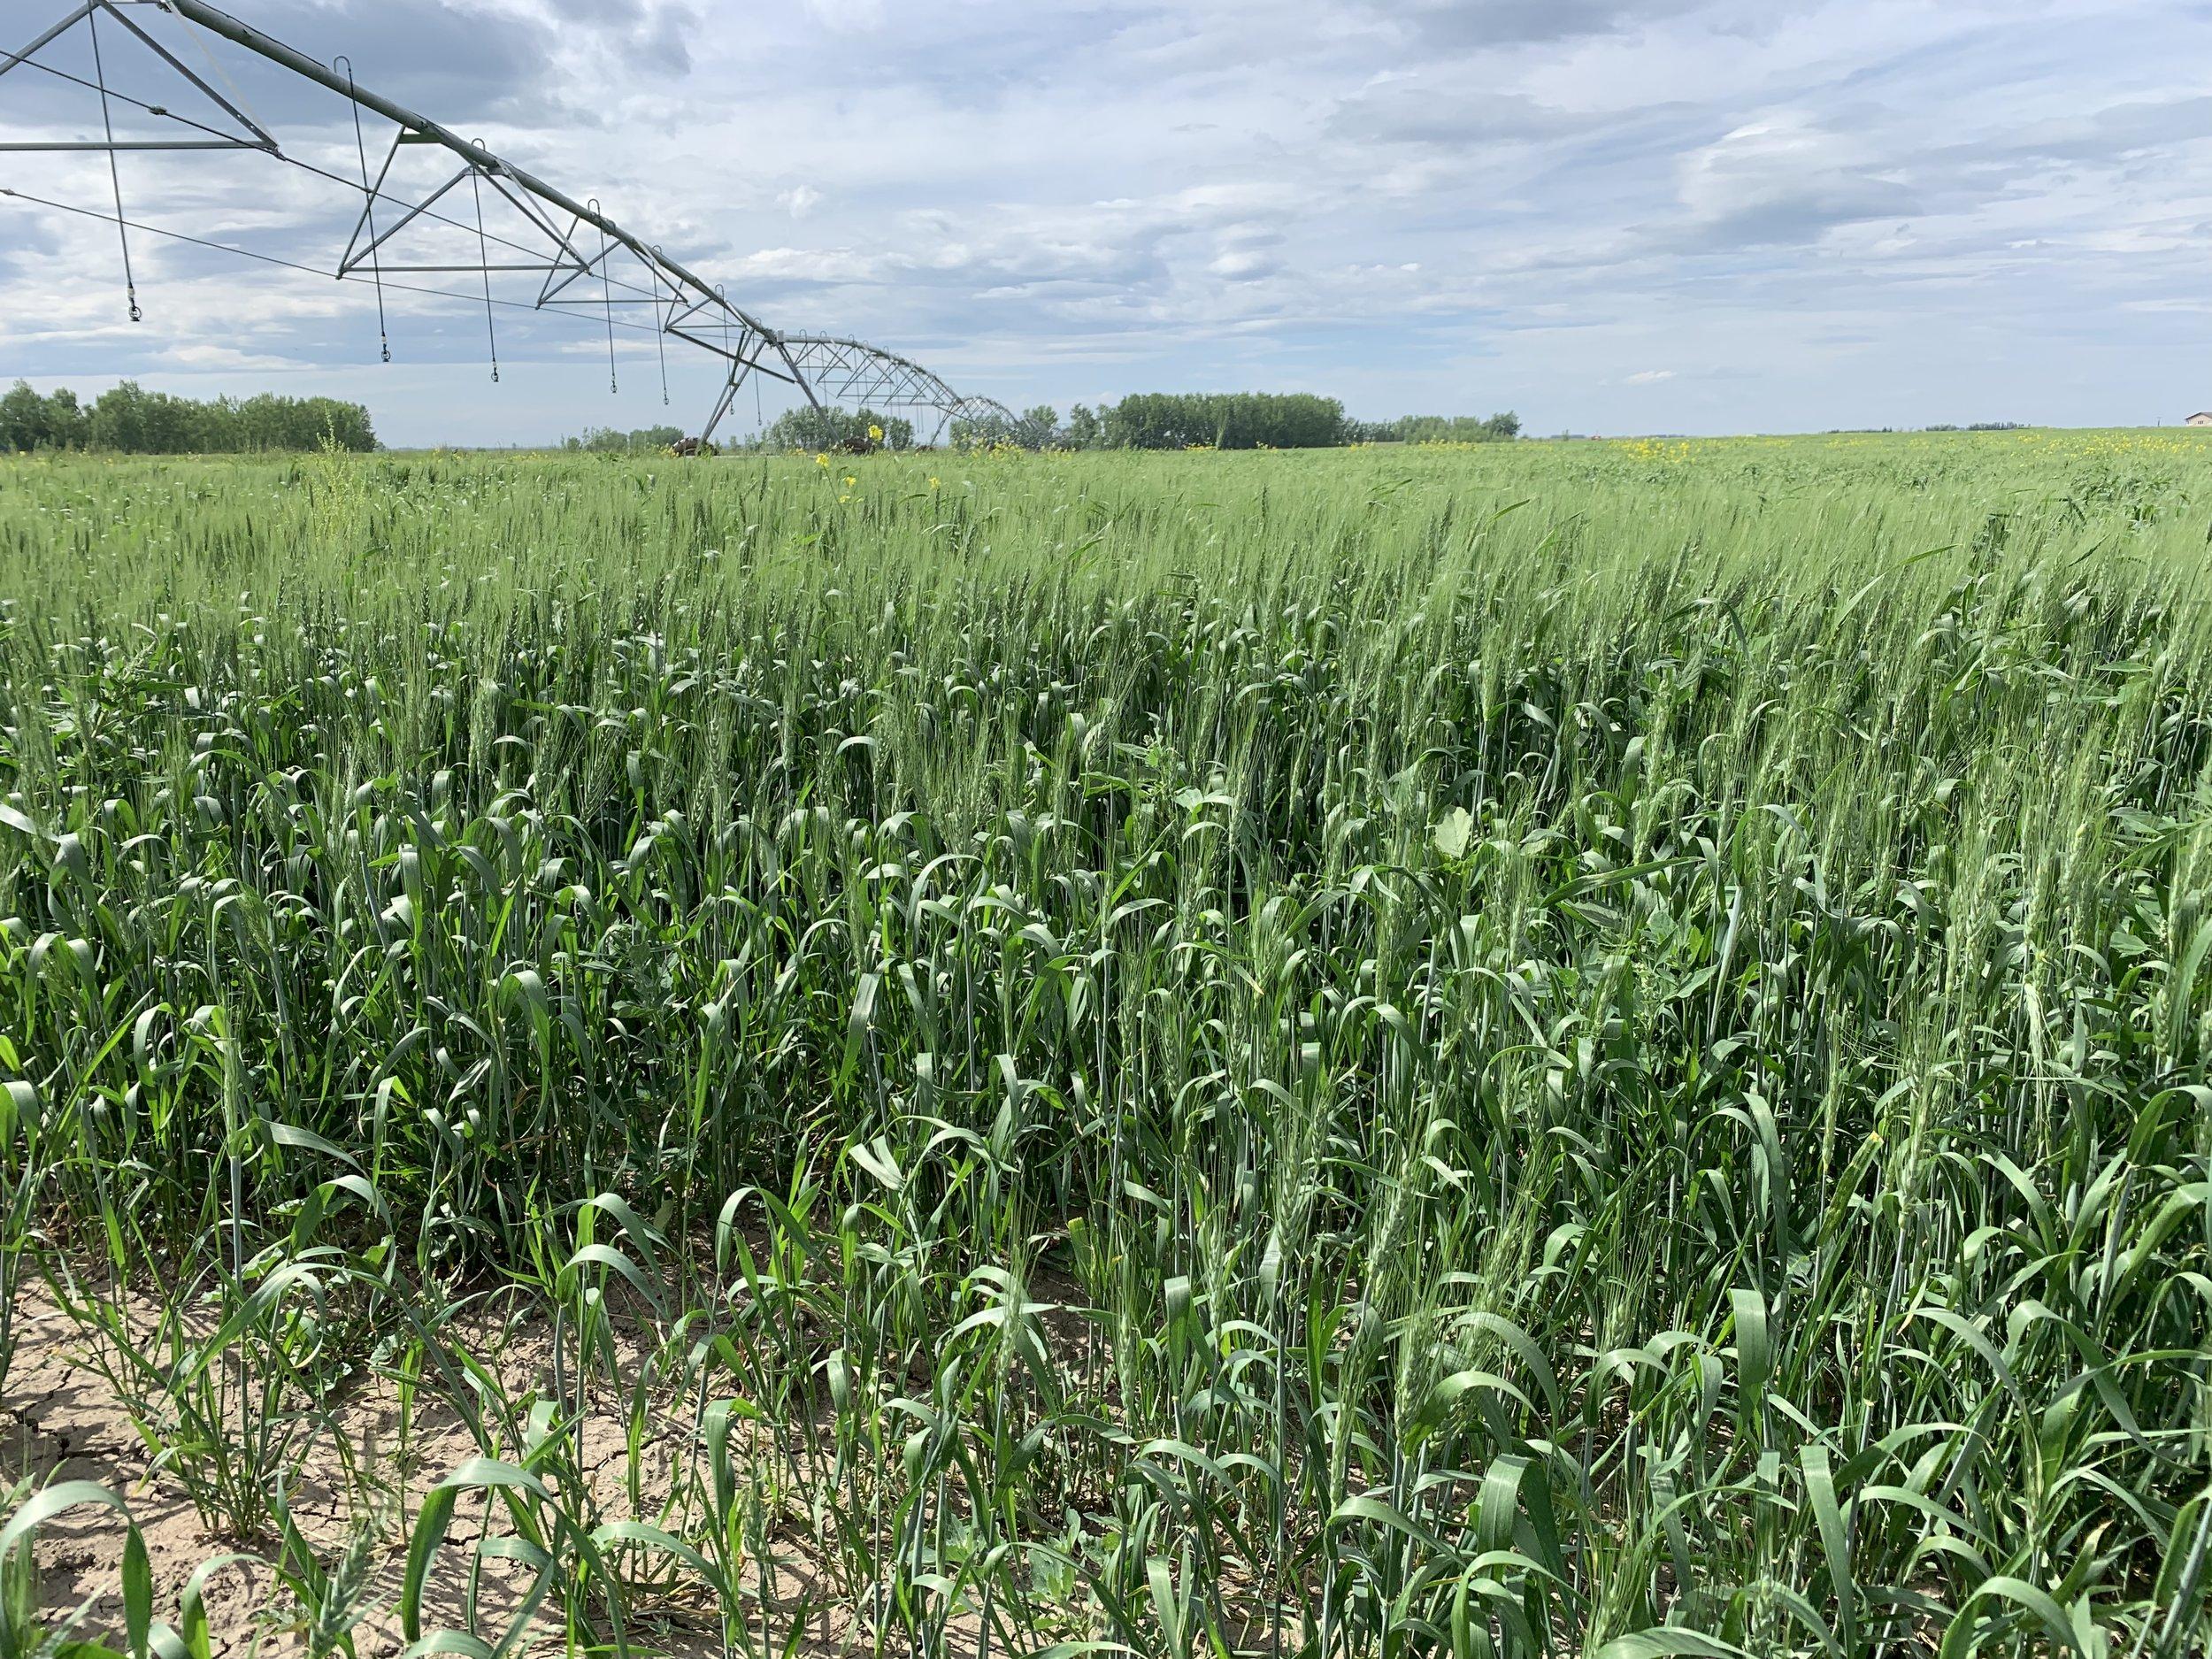 wheat as a rotation crop